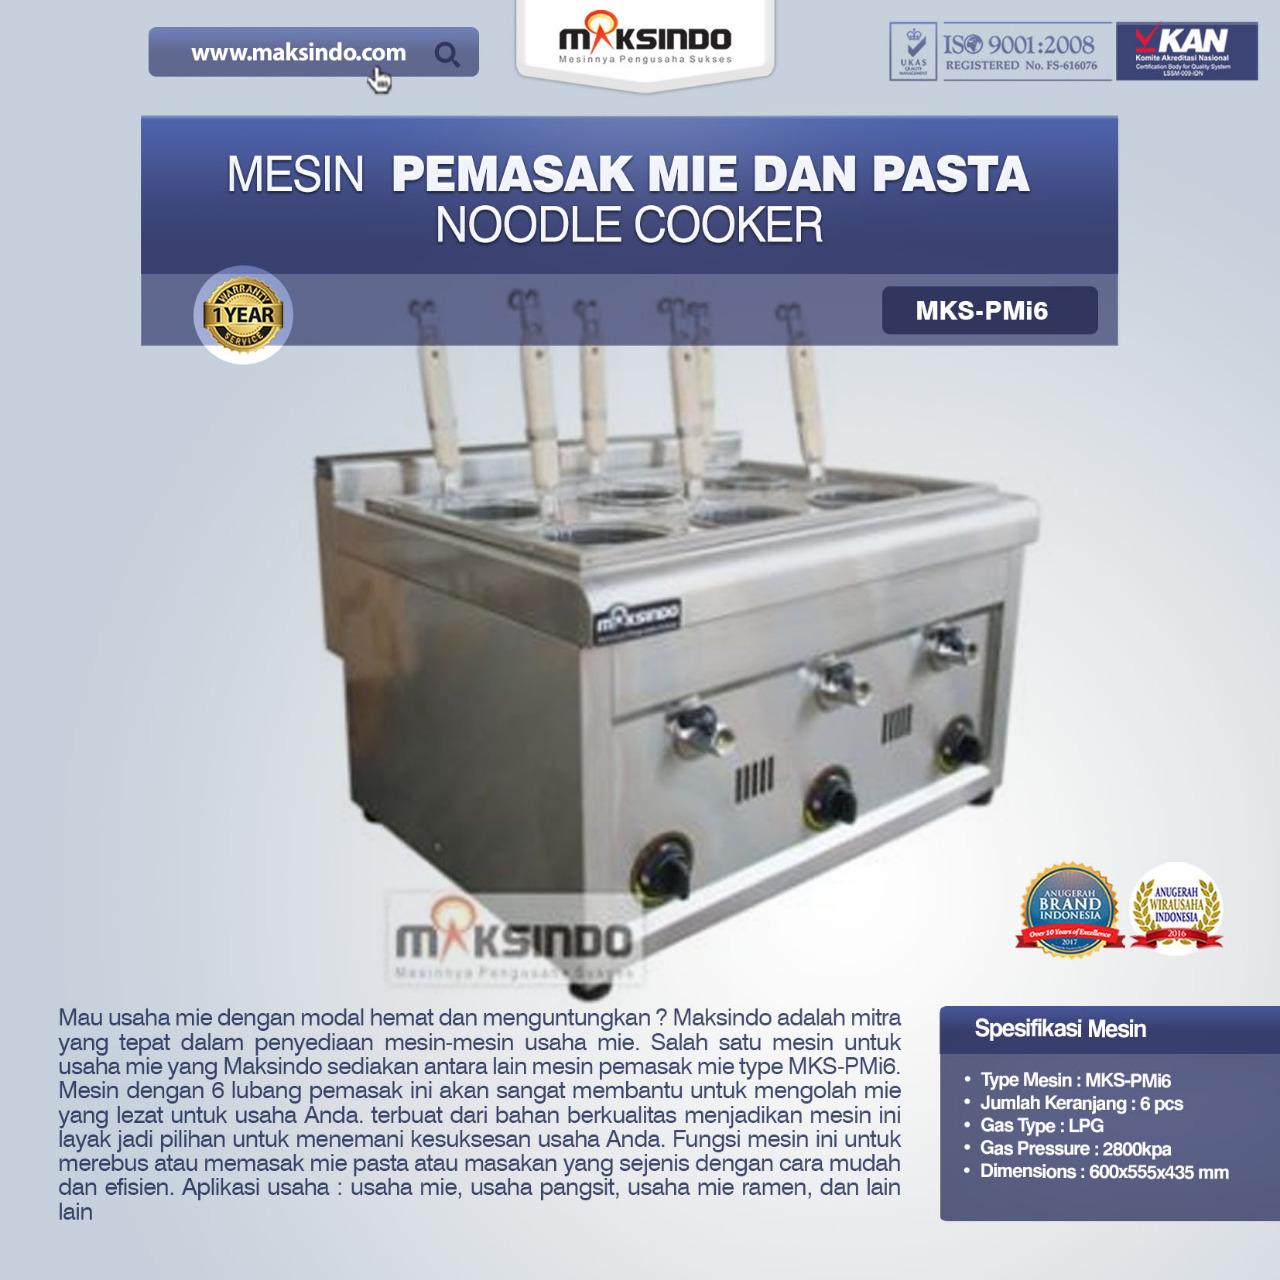 Jual Noodle Cooker (Pemasak Mie Dan Pasta) MKS-PMI6 di Pekanbaru